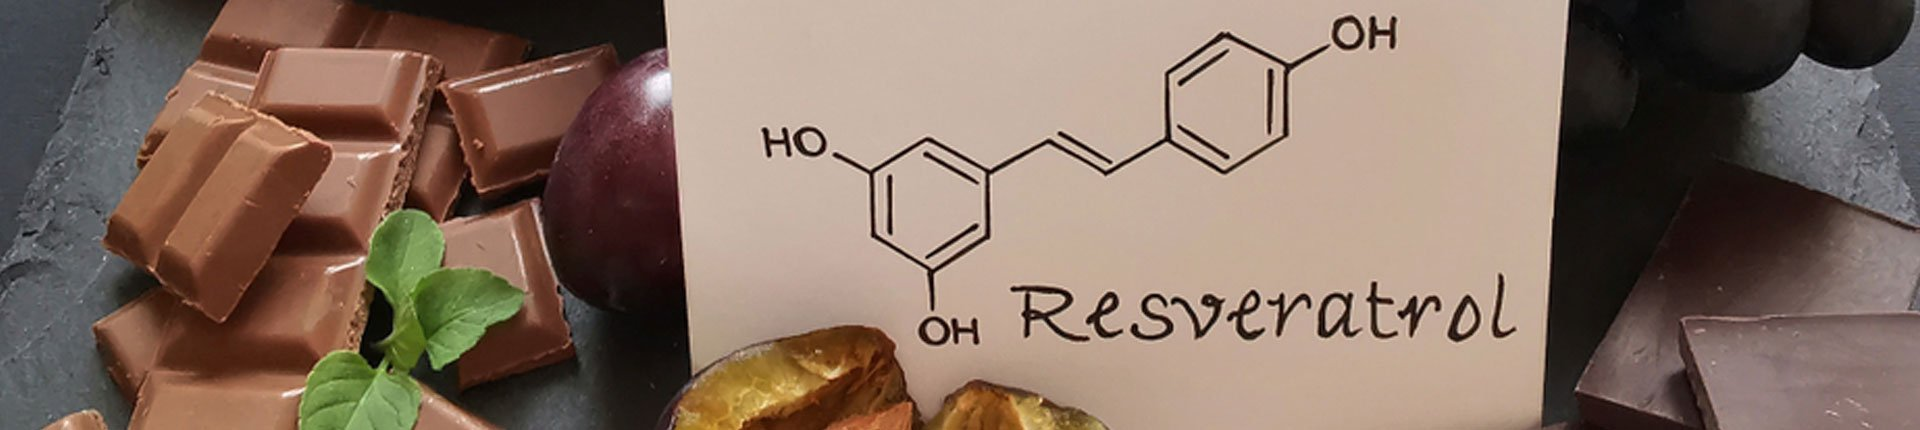 Resveratrol: hit czy kit? Czy resveratrol działa? Poznaj opinie